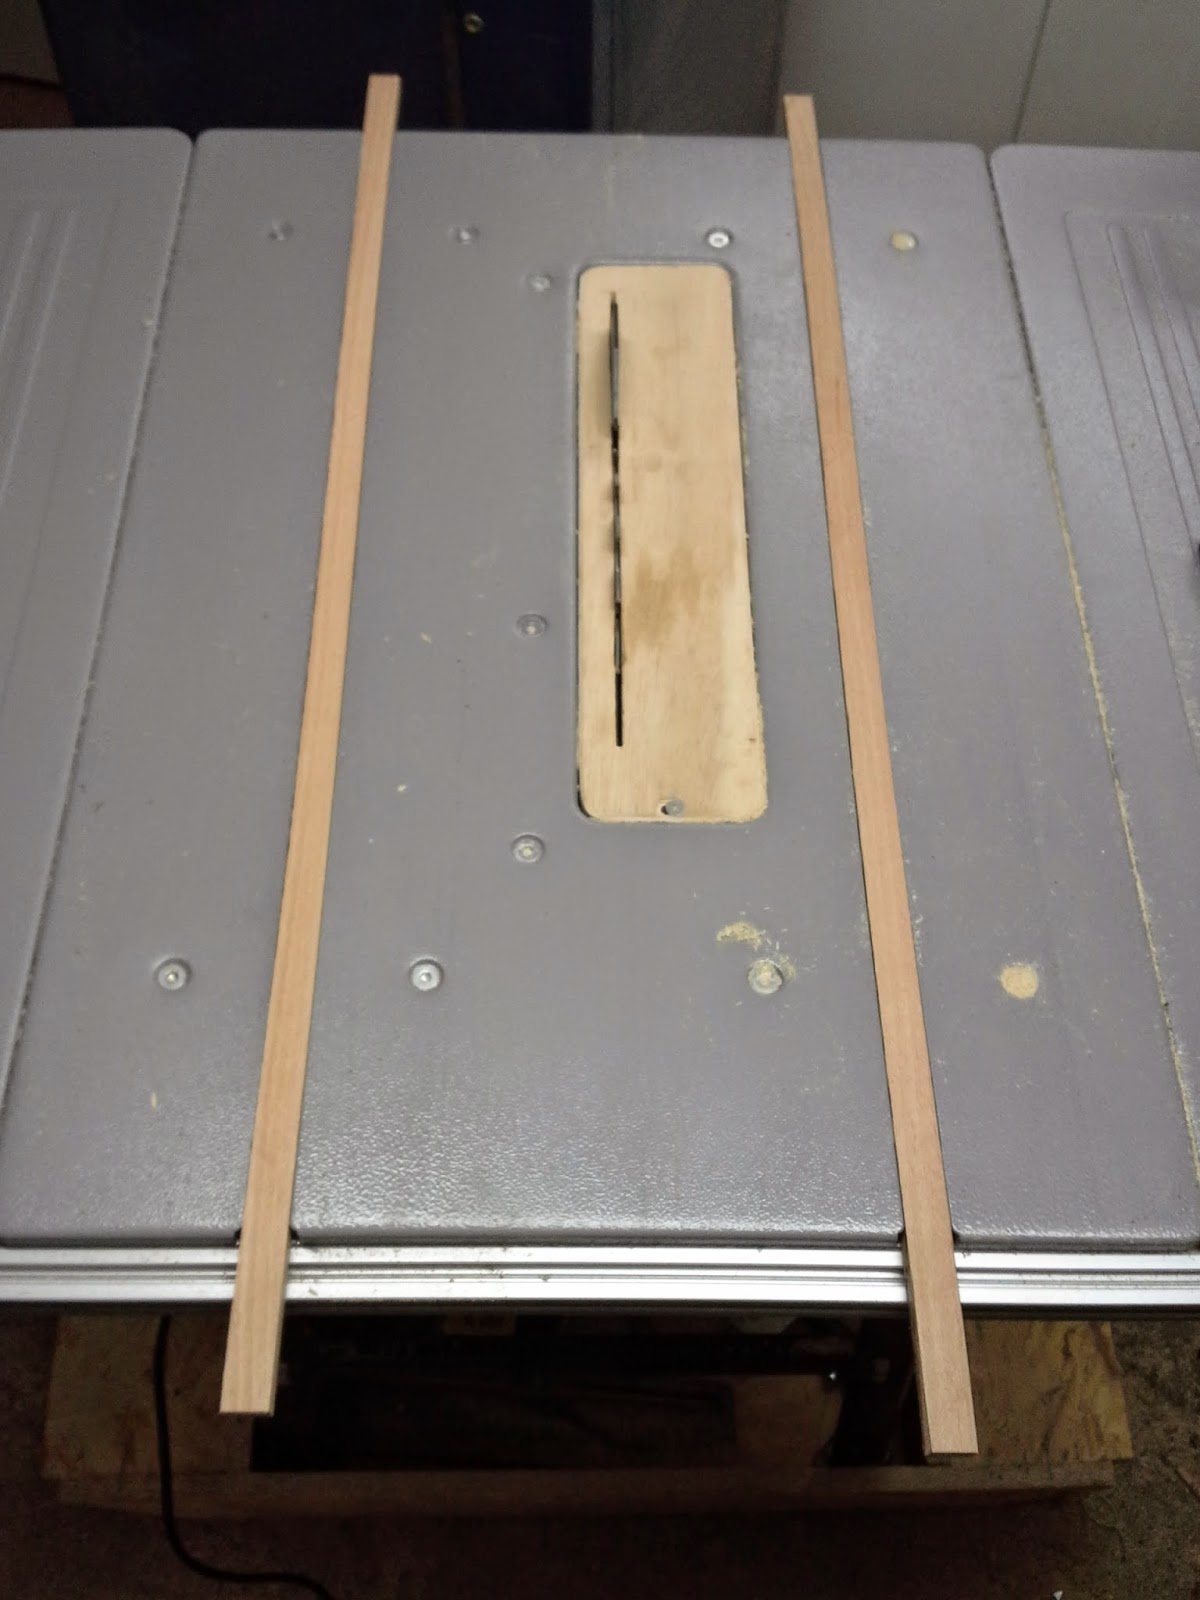 holz und metall ein heimwerkerblog schiebeschlitten f r tischkreiss ge. Black Bedroom Furniture Sets. Home Design Ideas